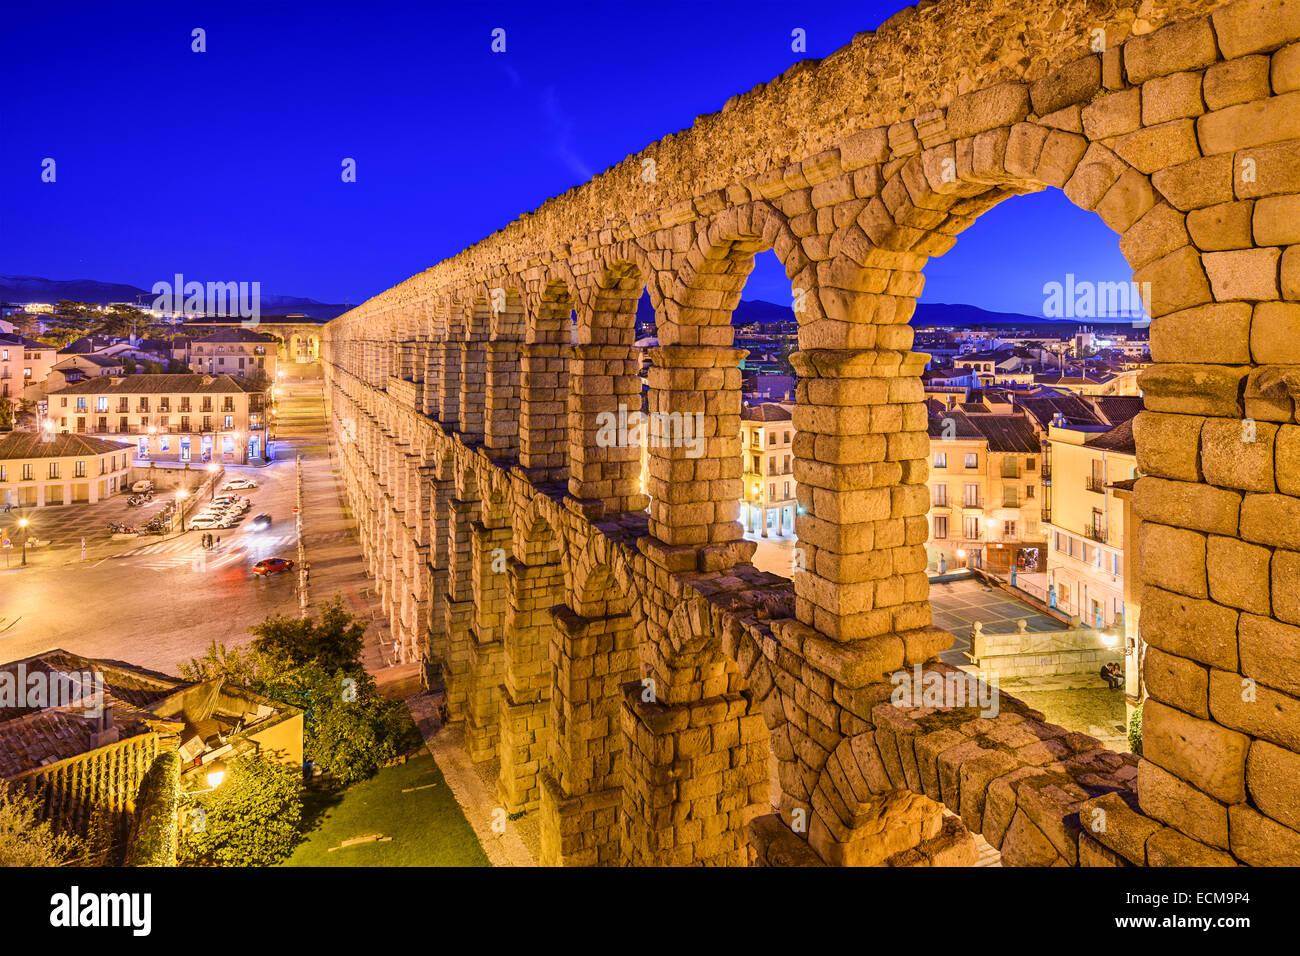 Segovia, España en el antiguo acueducto romano y la Plaza del Azoguejo. Imagen De Stock